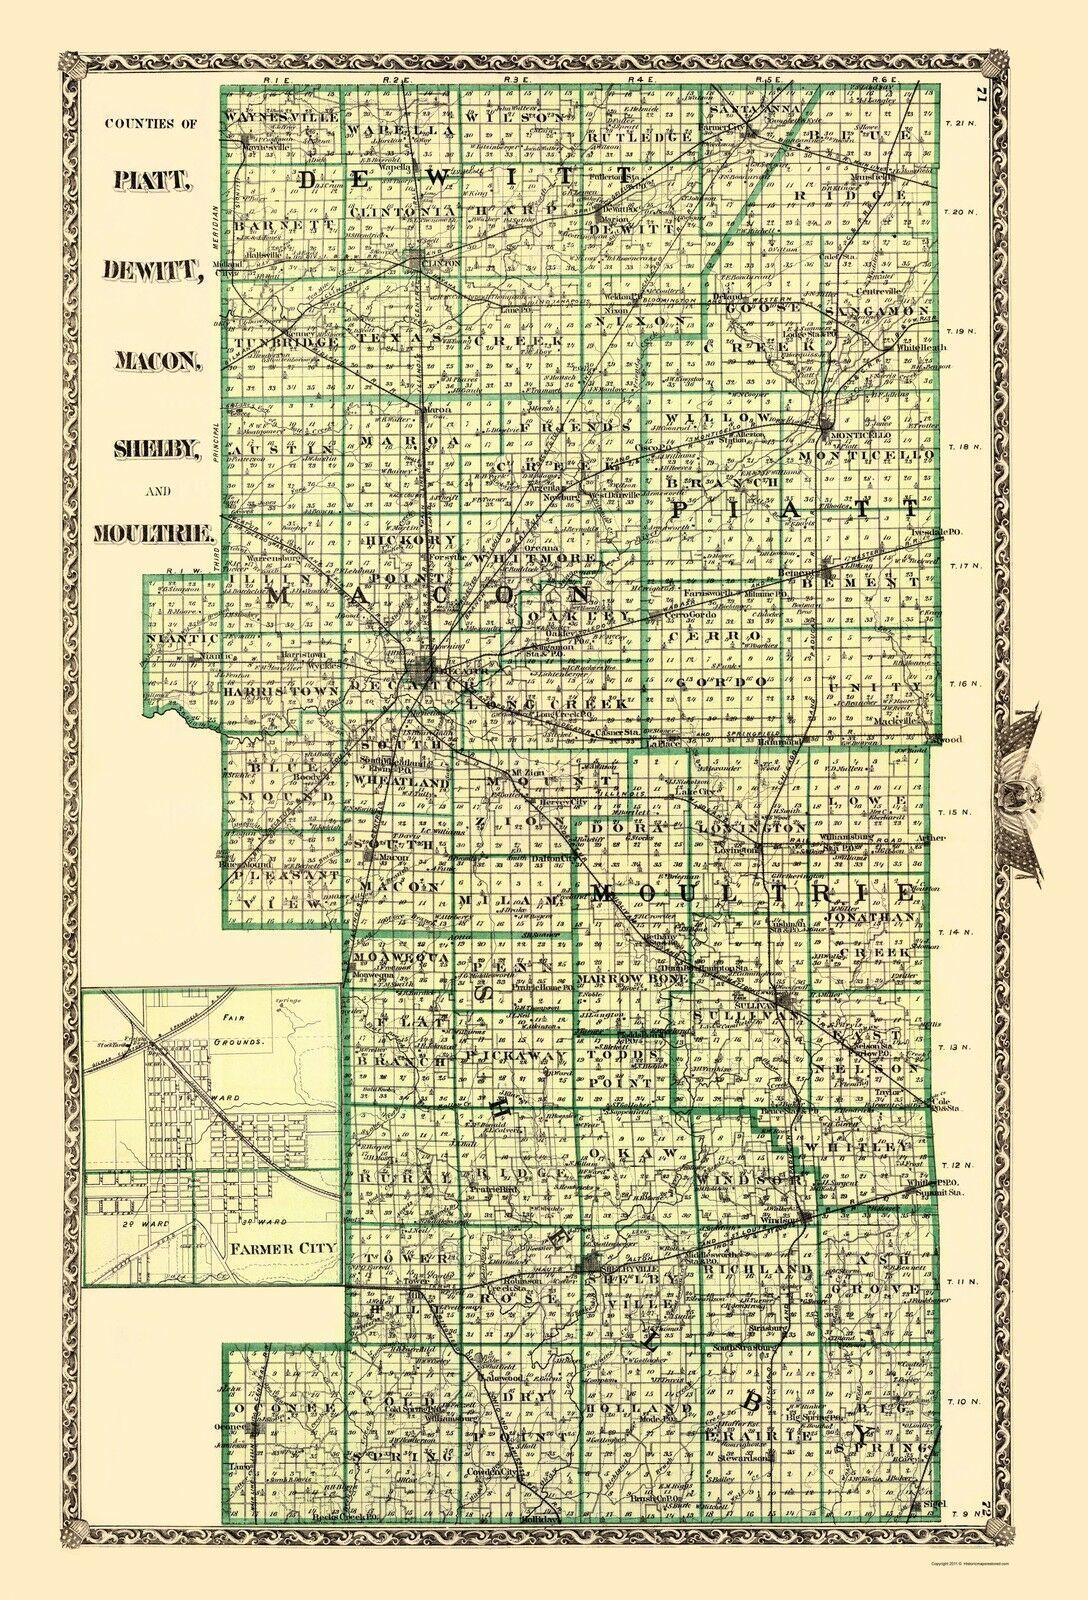 Piatt  Dewitt  Macon  Shelby  Moultrie Illinois - Warner 1870 - 23 x 33 - $36.95 - $94.95